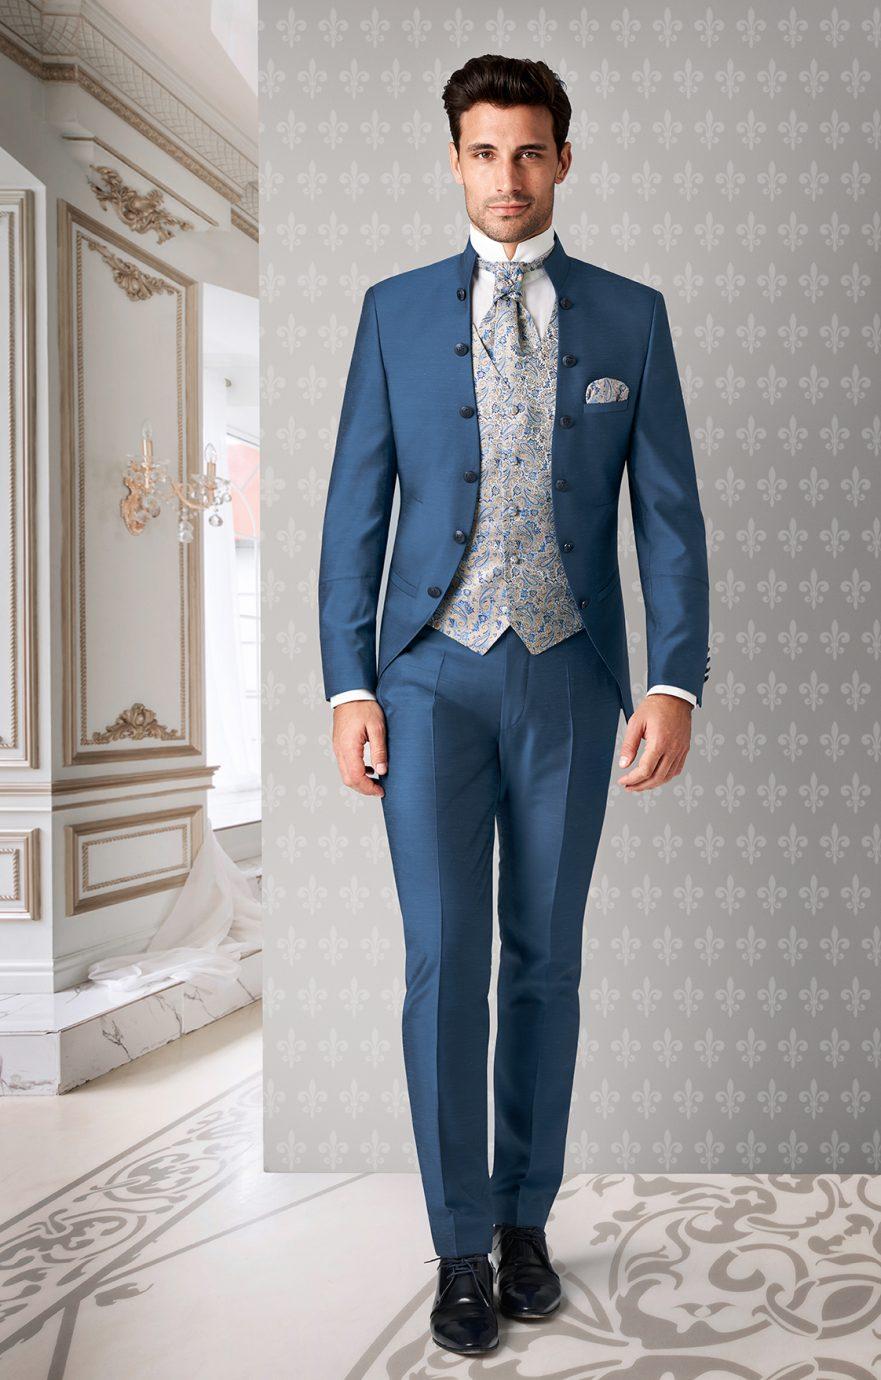 Klasszikus Tziacco esküvői öltöny, stílusos és részletgazdag vőlegény öltöny.